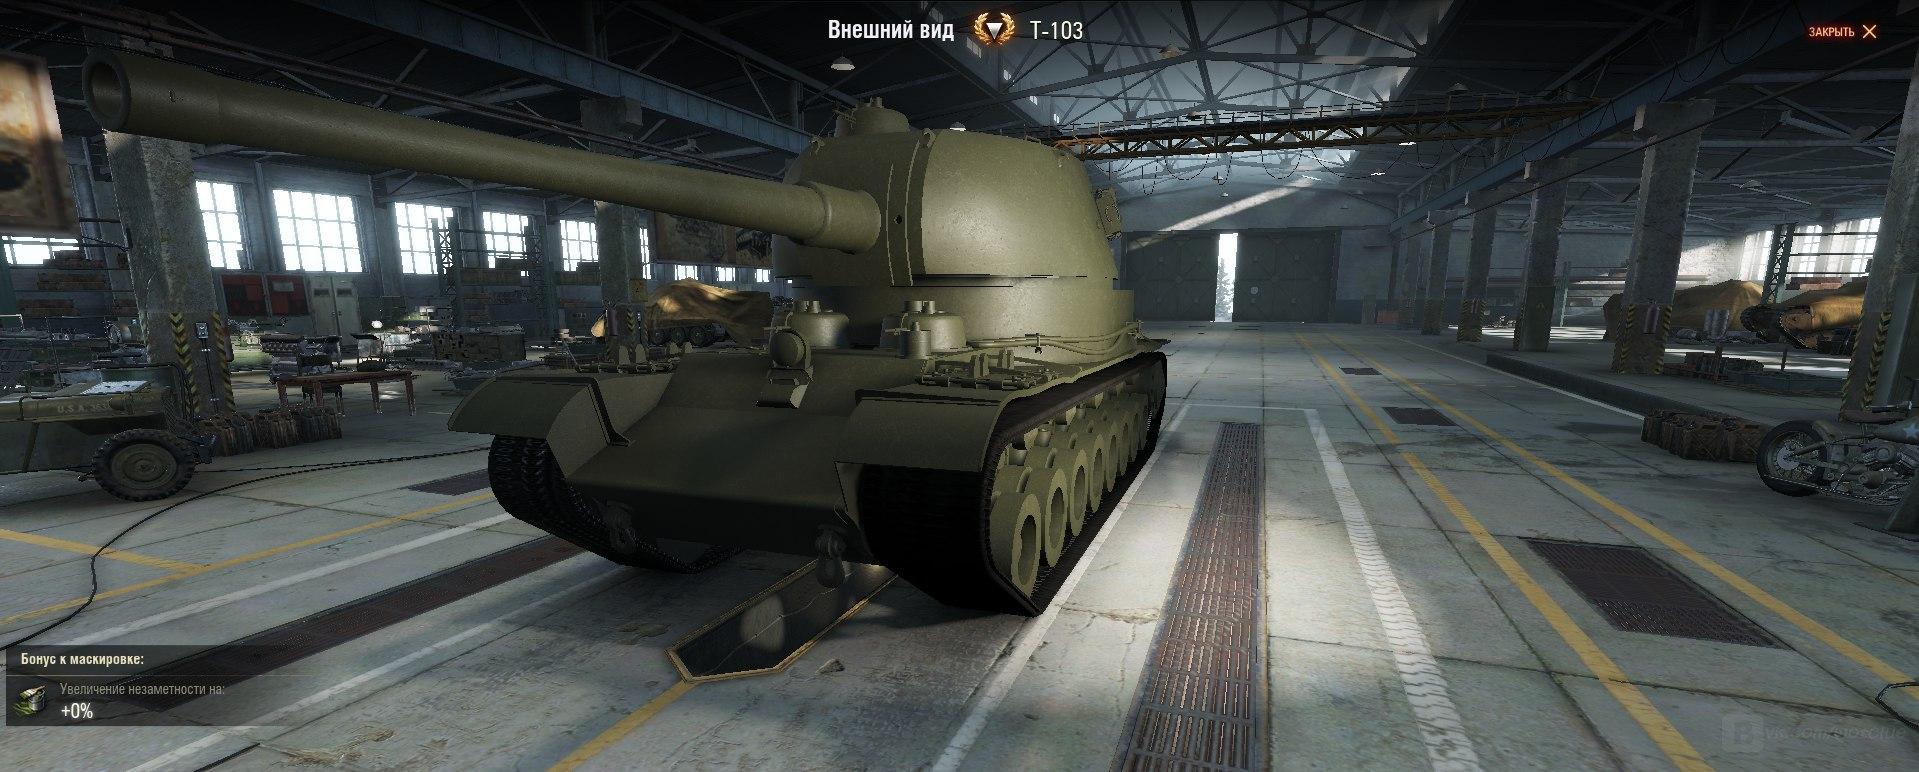 T-103 szovjet tier VIII-as prémium TD - Képek és paraméterek